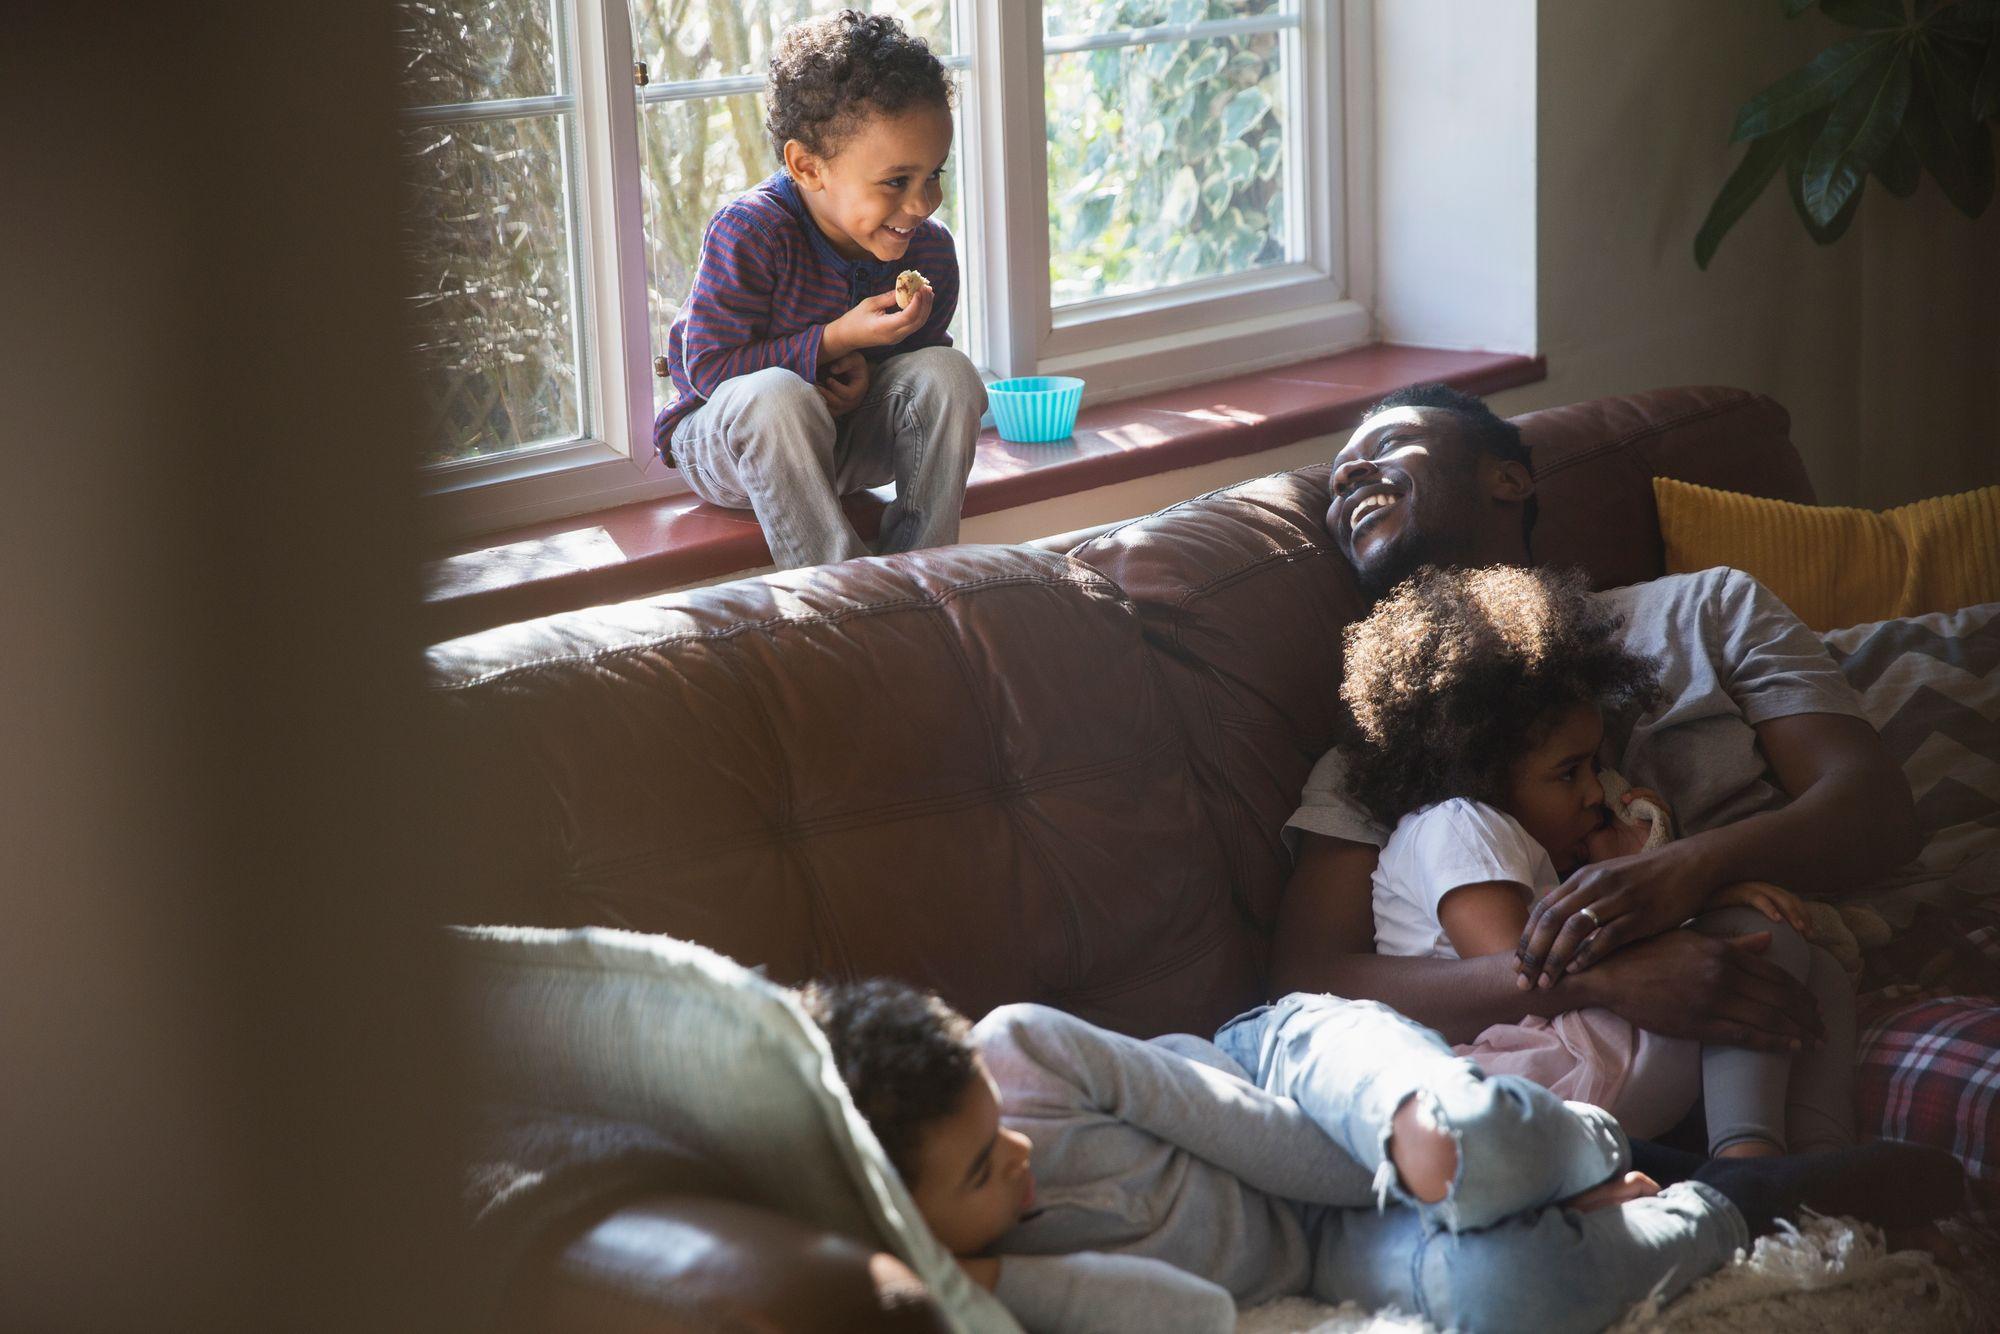 niños-viaje-intercambiodecasas-familia-vacaciones